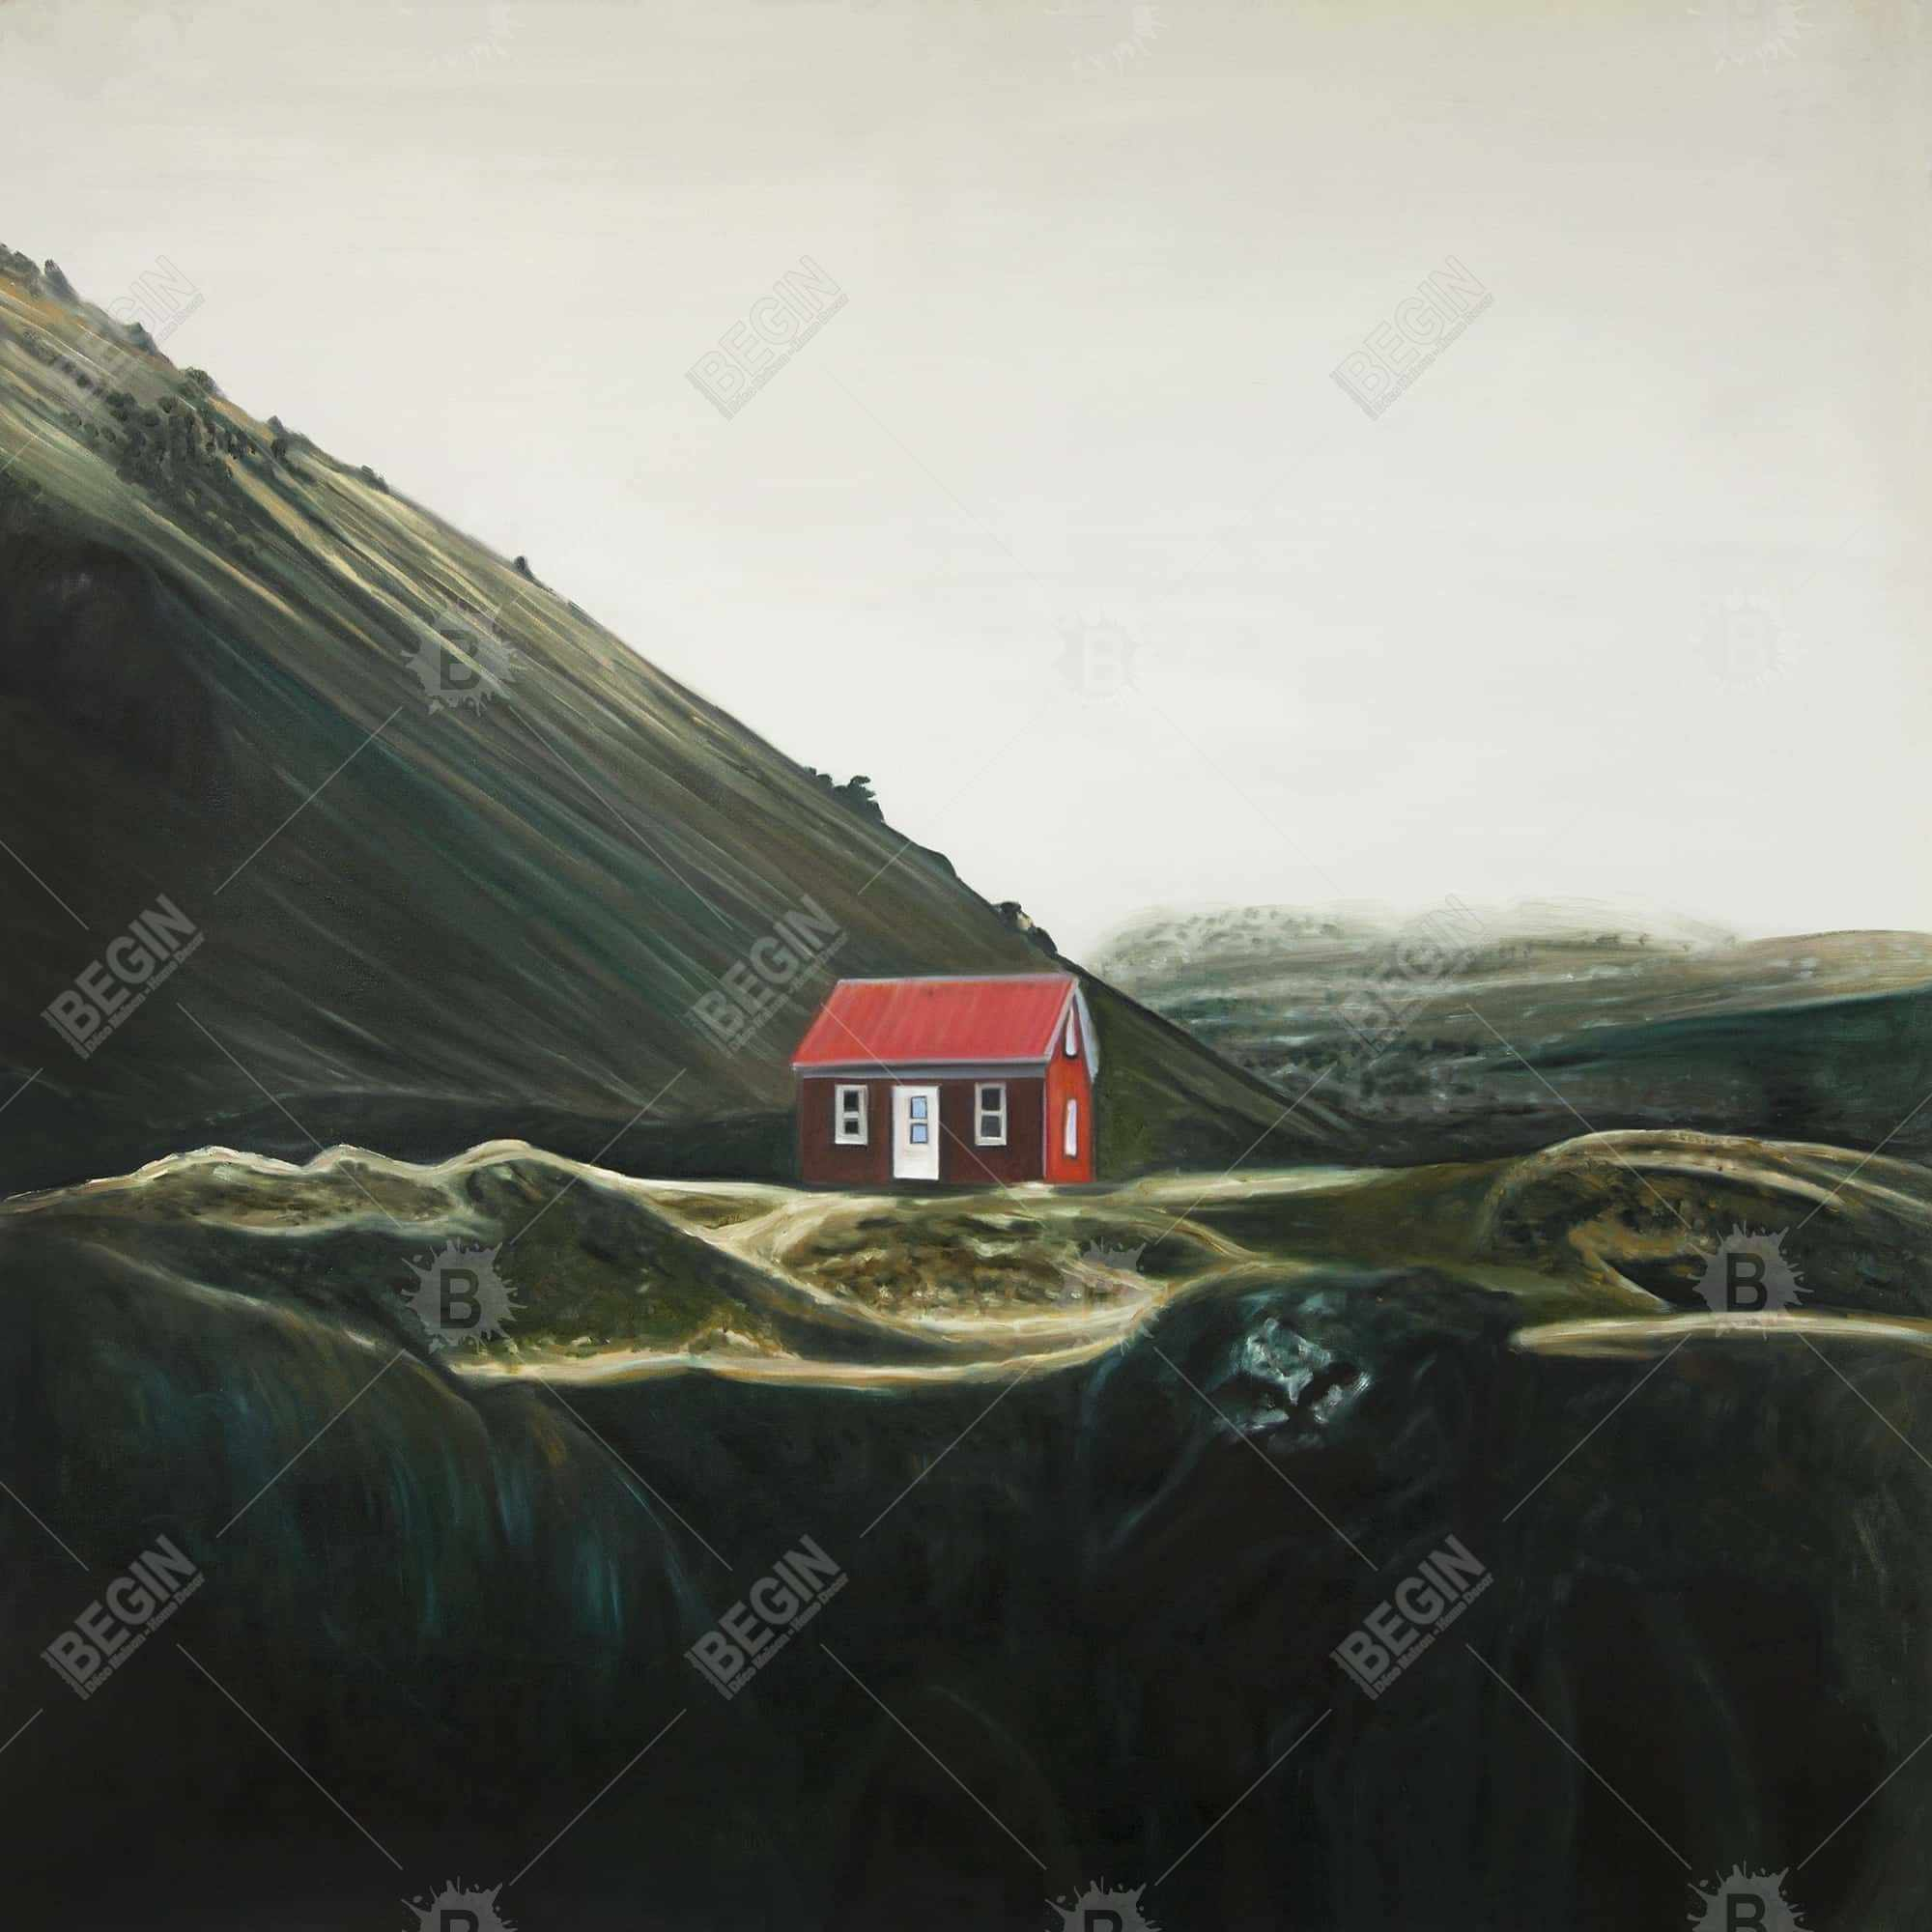 Isolated shack